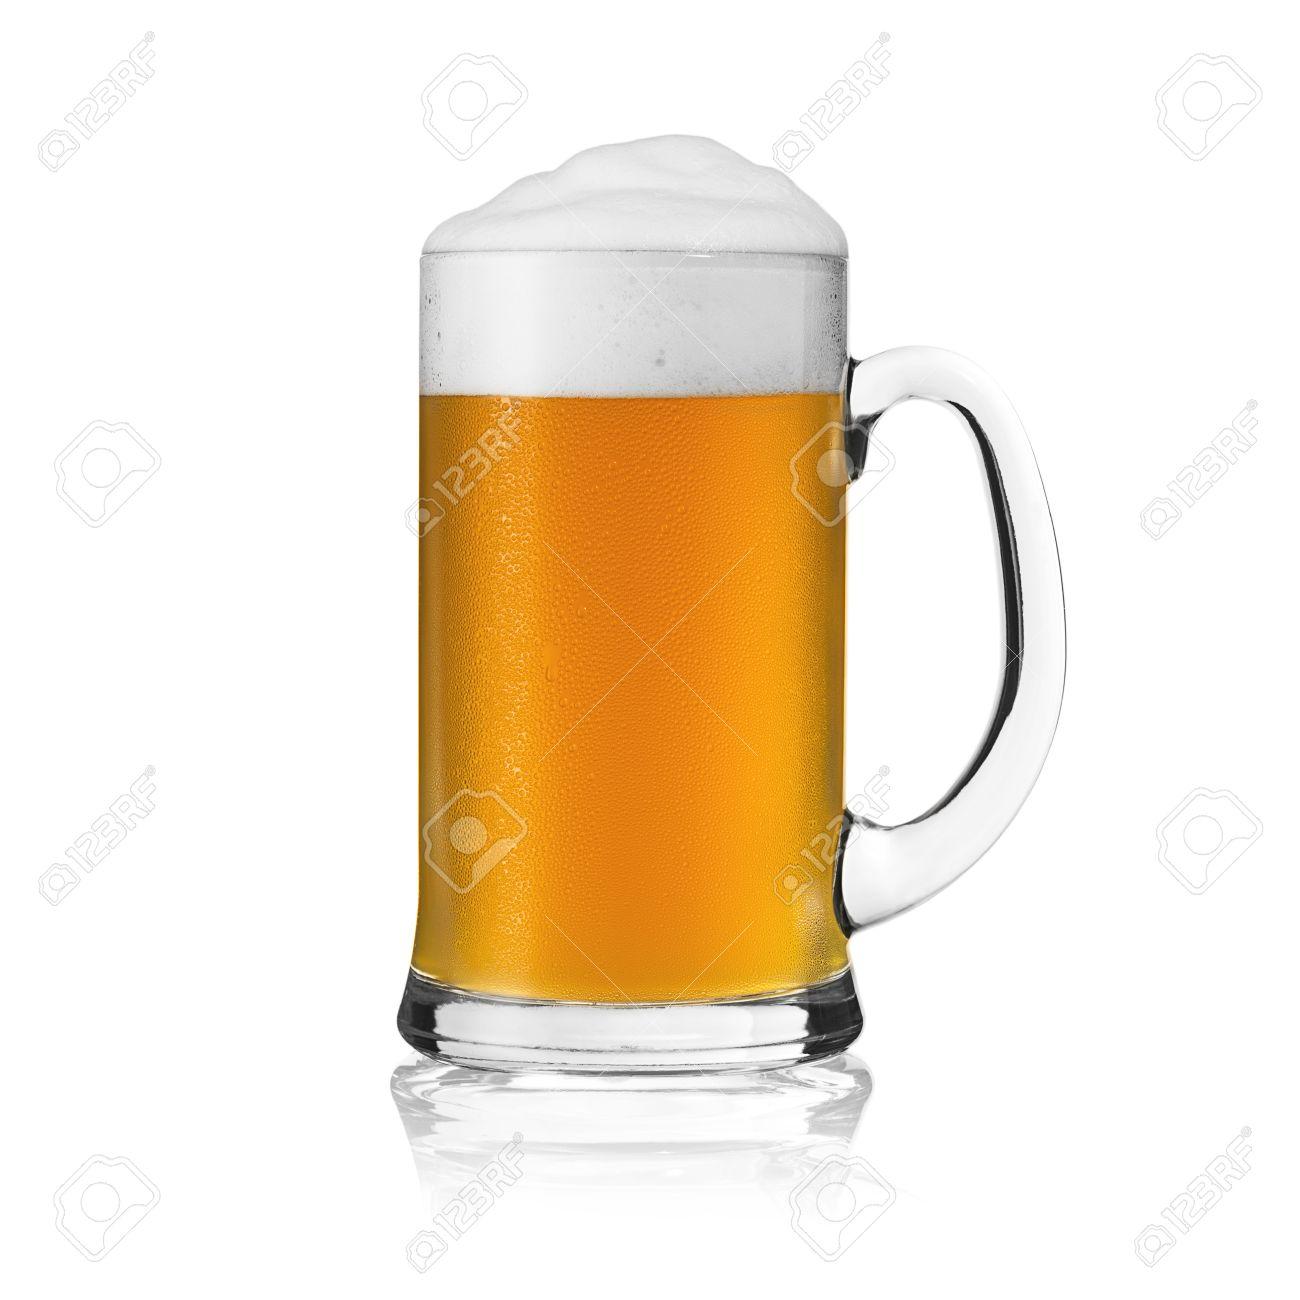 beer glass beer foam beer mug beer